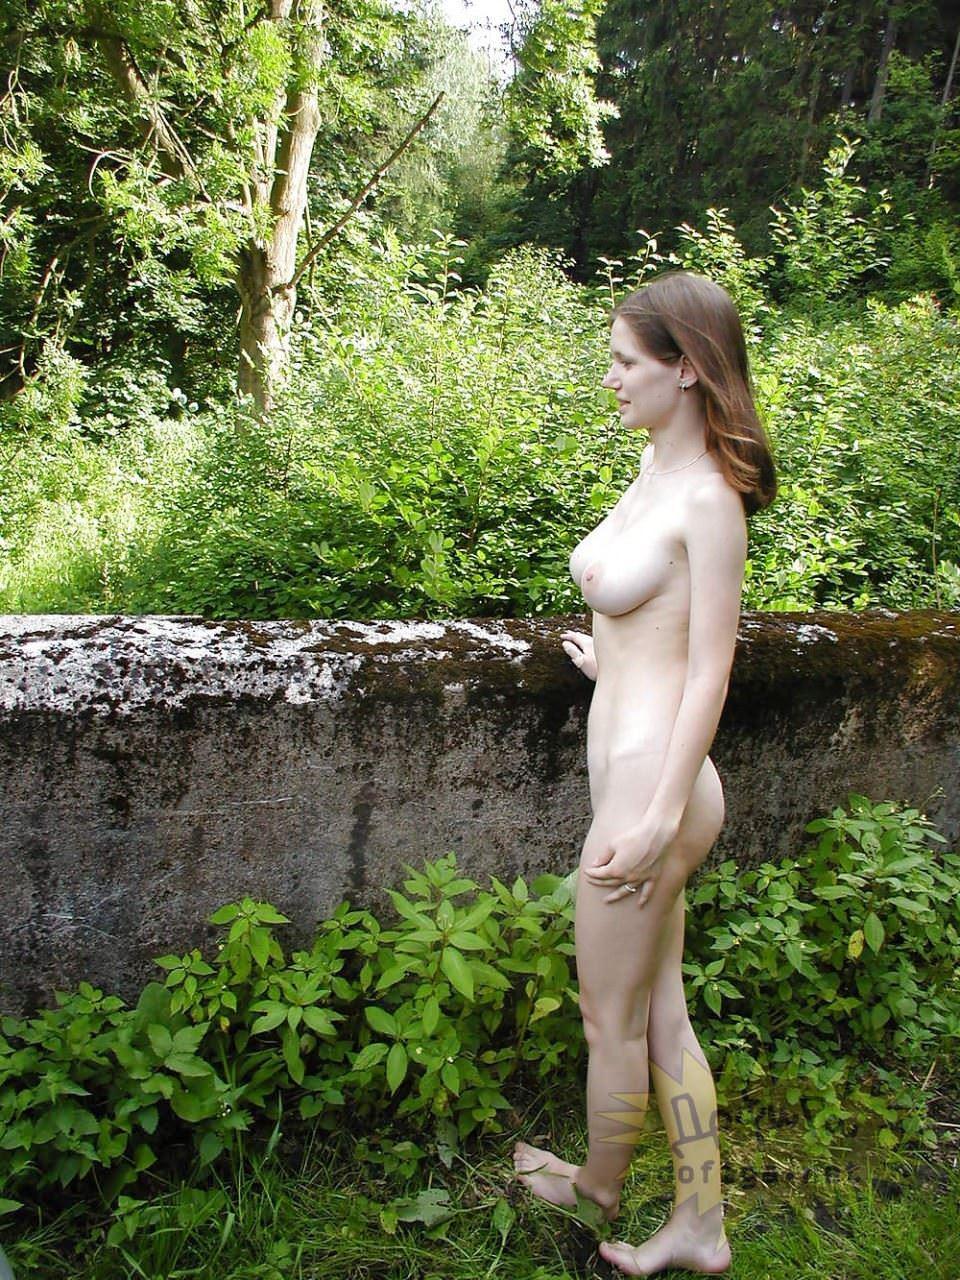 【外人】素人の白人巨乳娘がおっぱい記念撮影しまくってるポルノ画像 5135